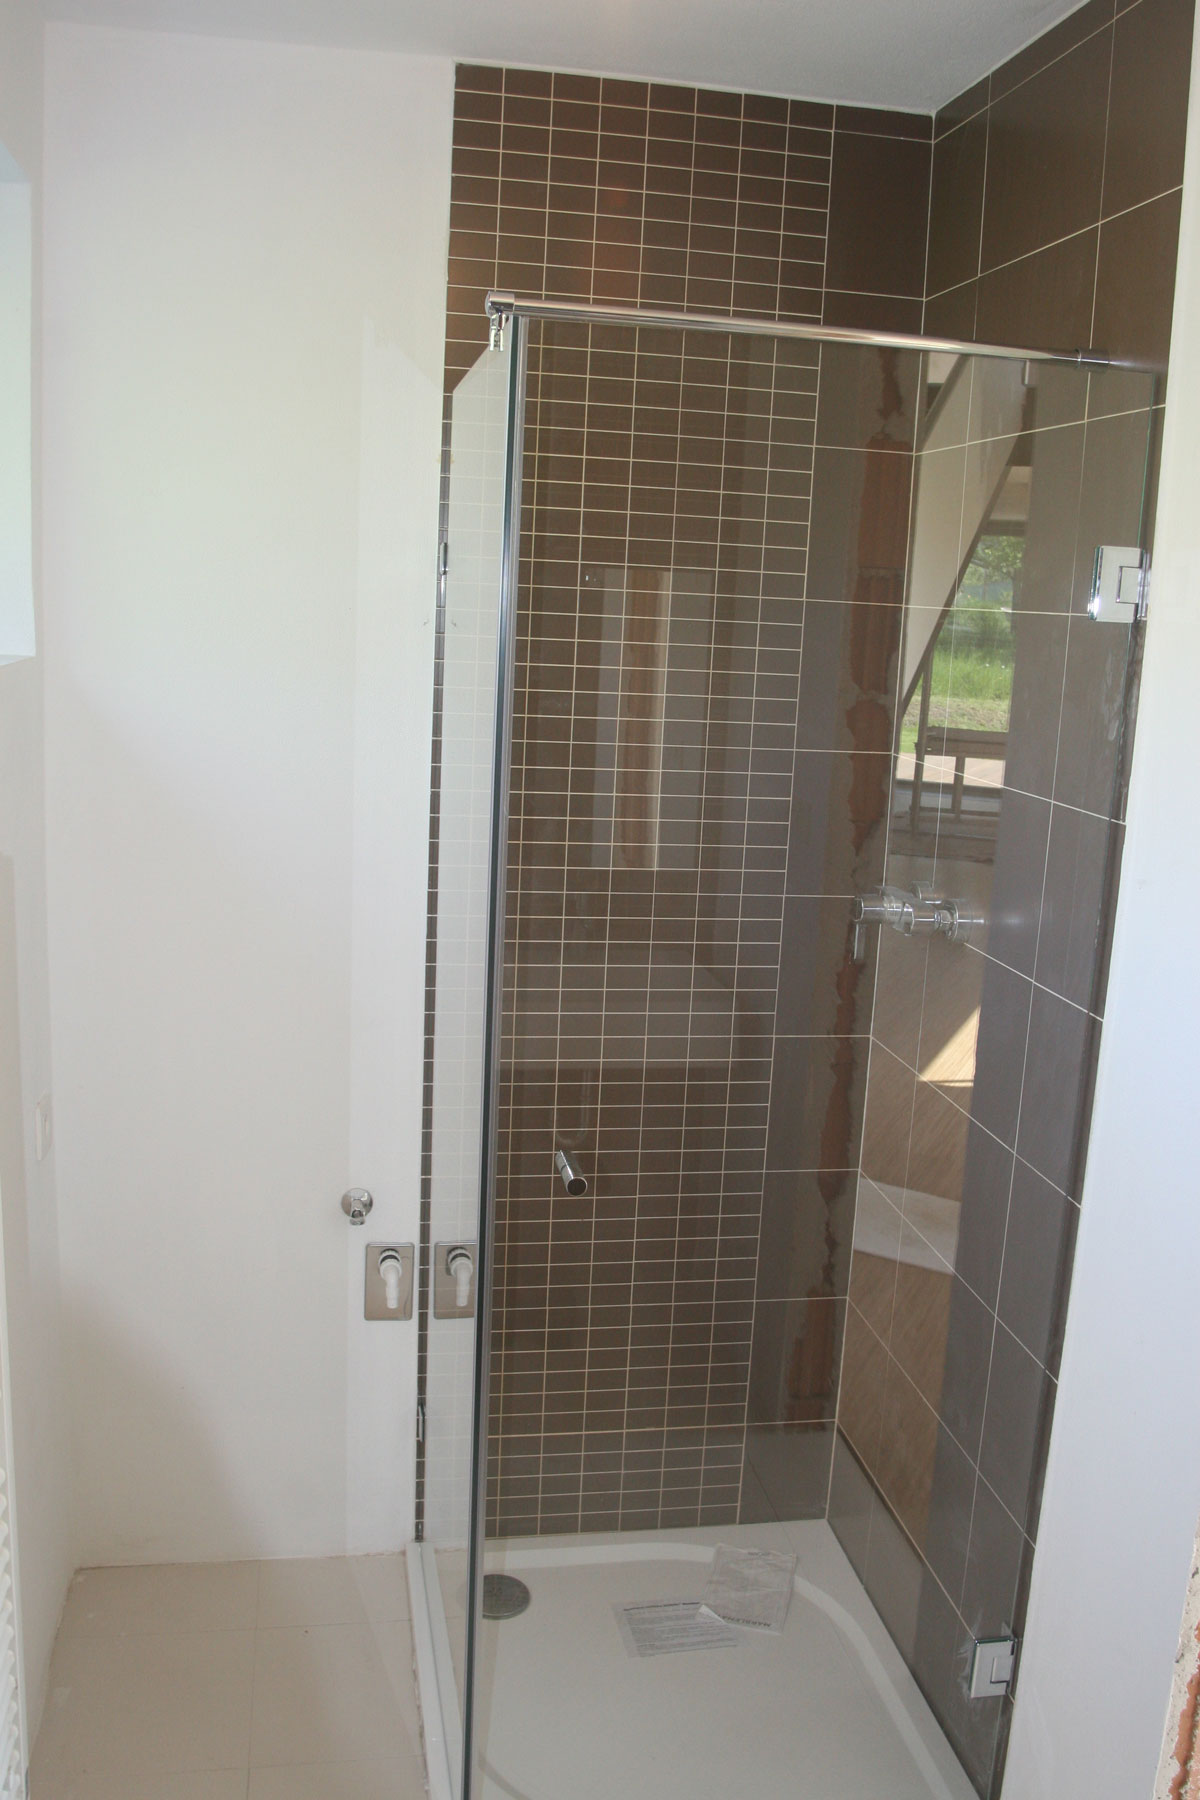 Sklenarstvi-Prerost-sprchove- kouty-a-sprchy (24)